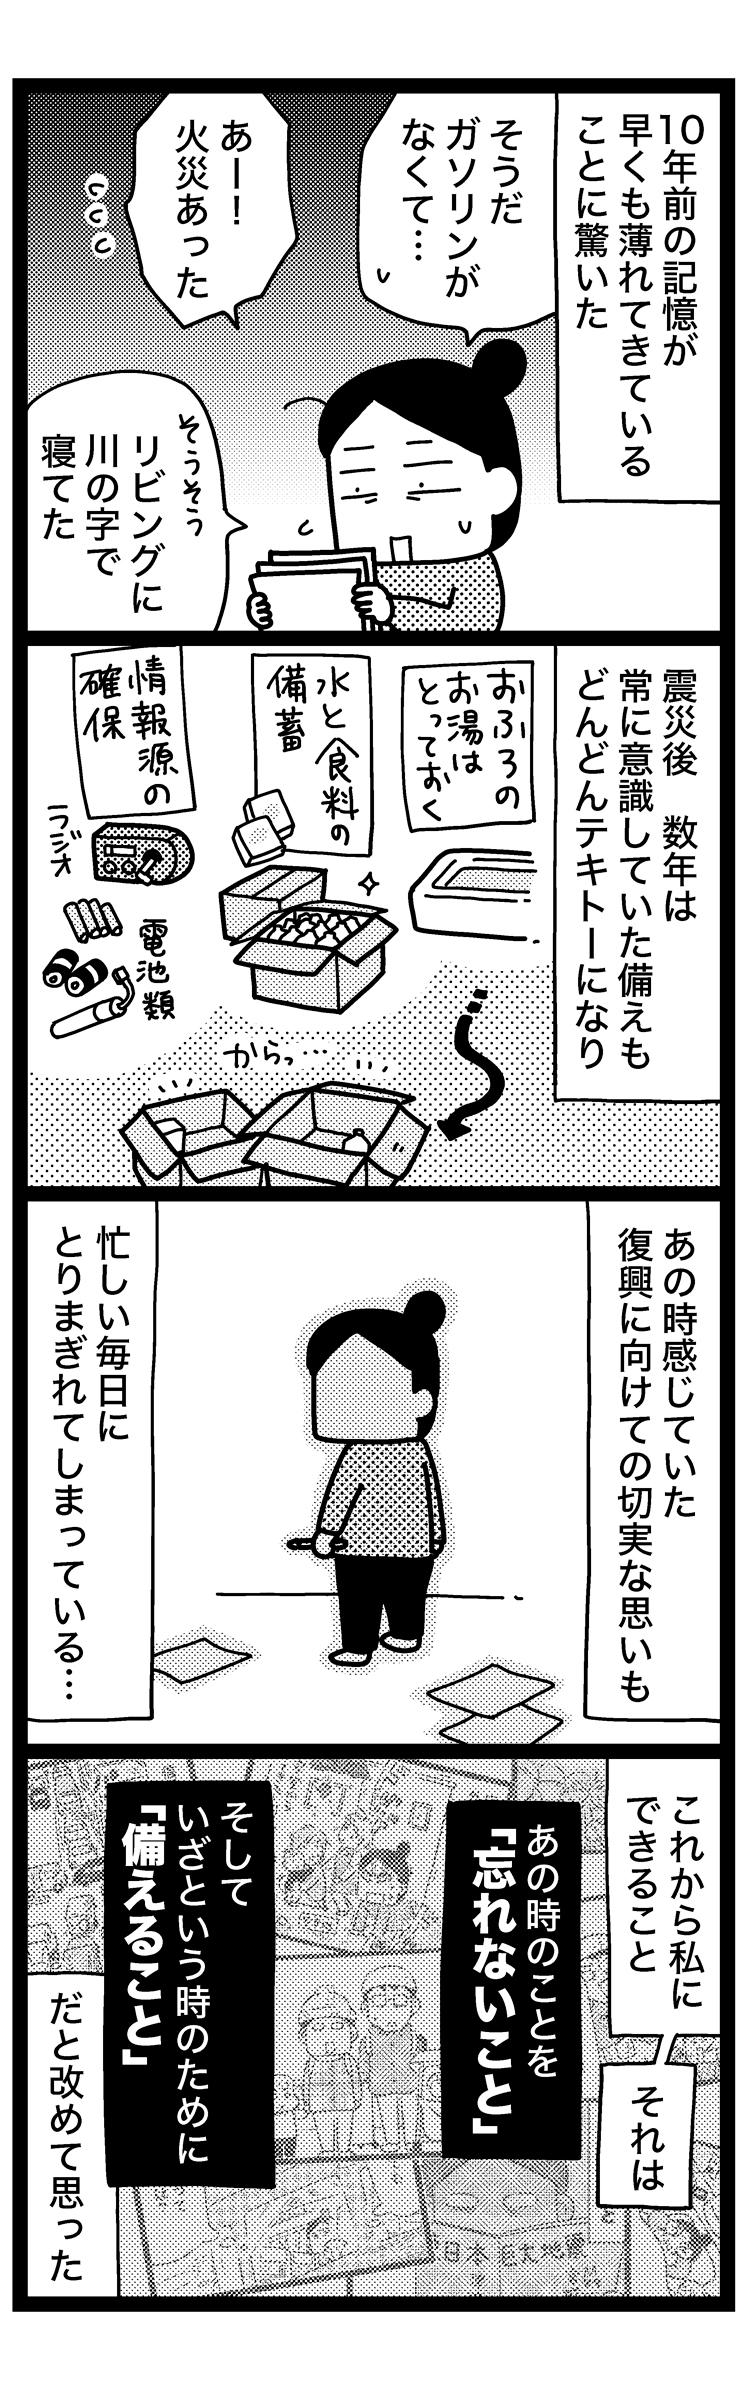 sinsai8-8